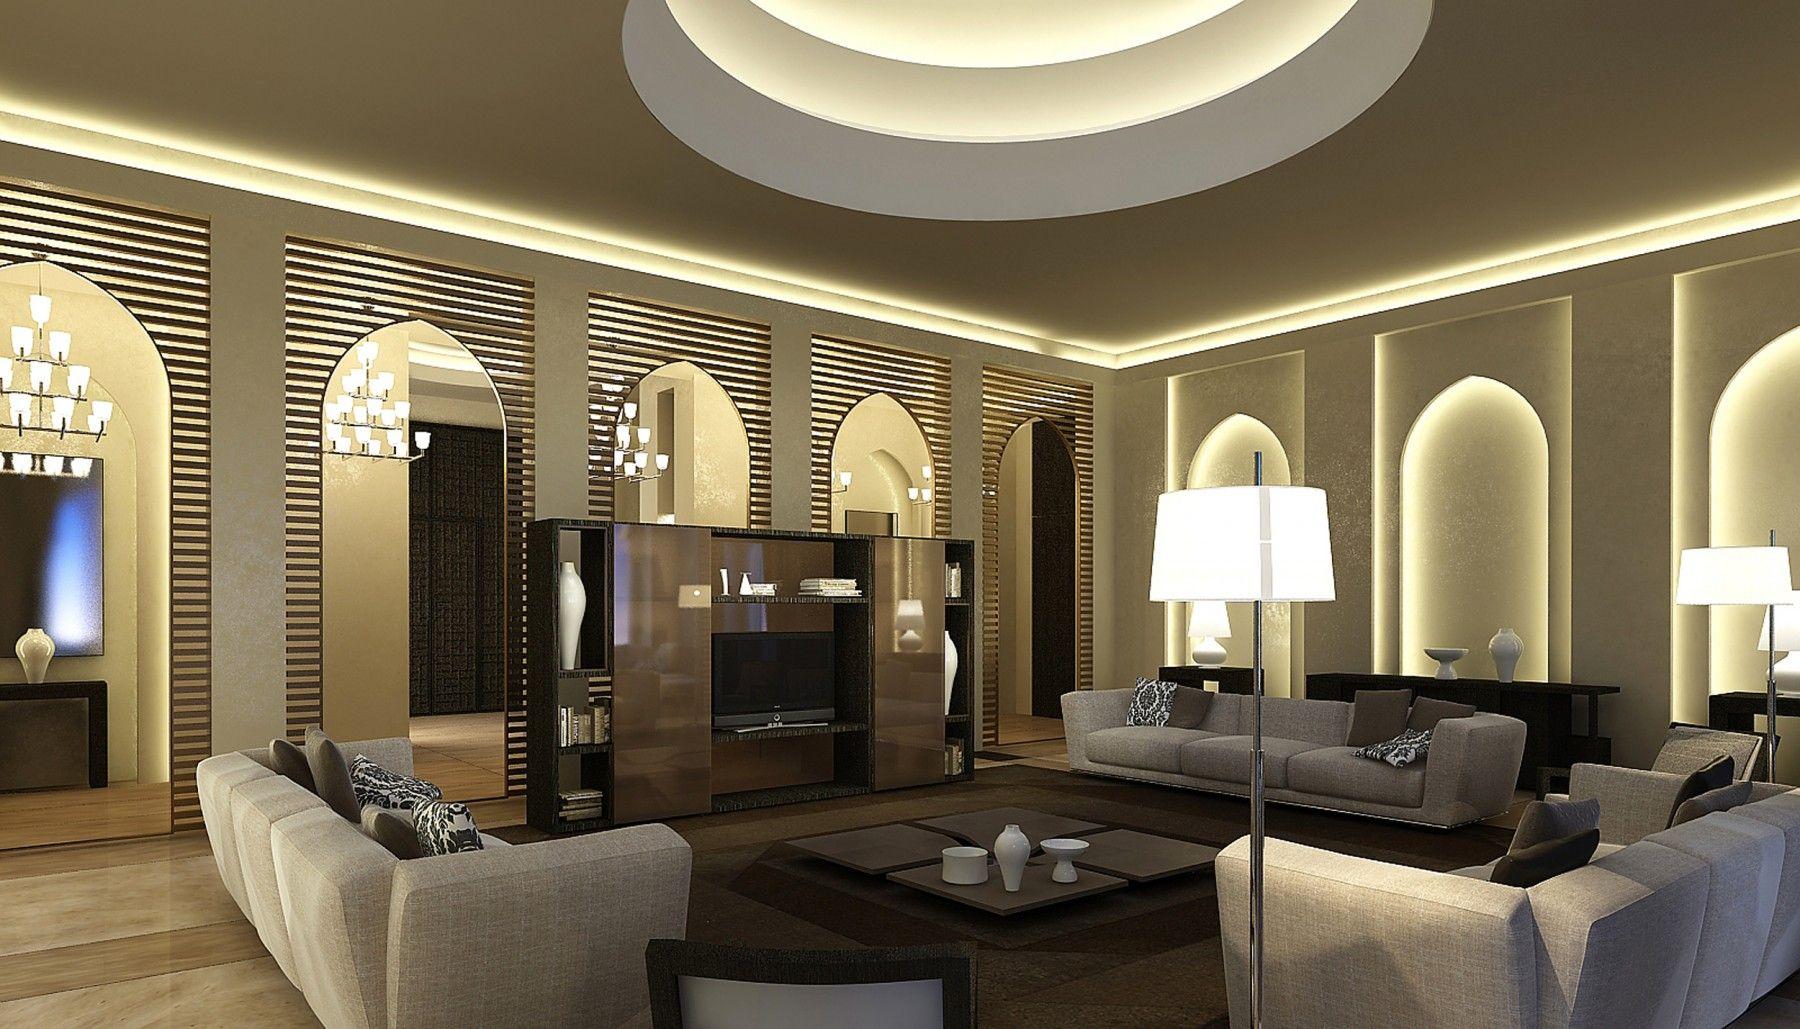 interior design training in dubai jobs